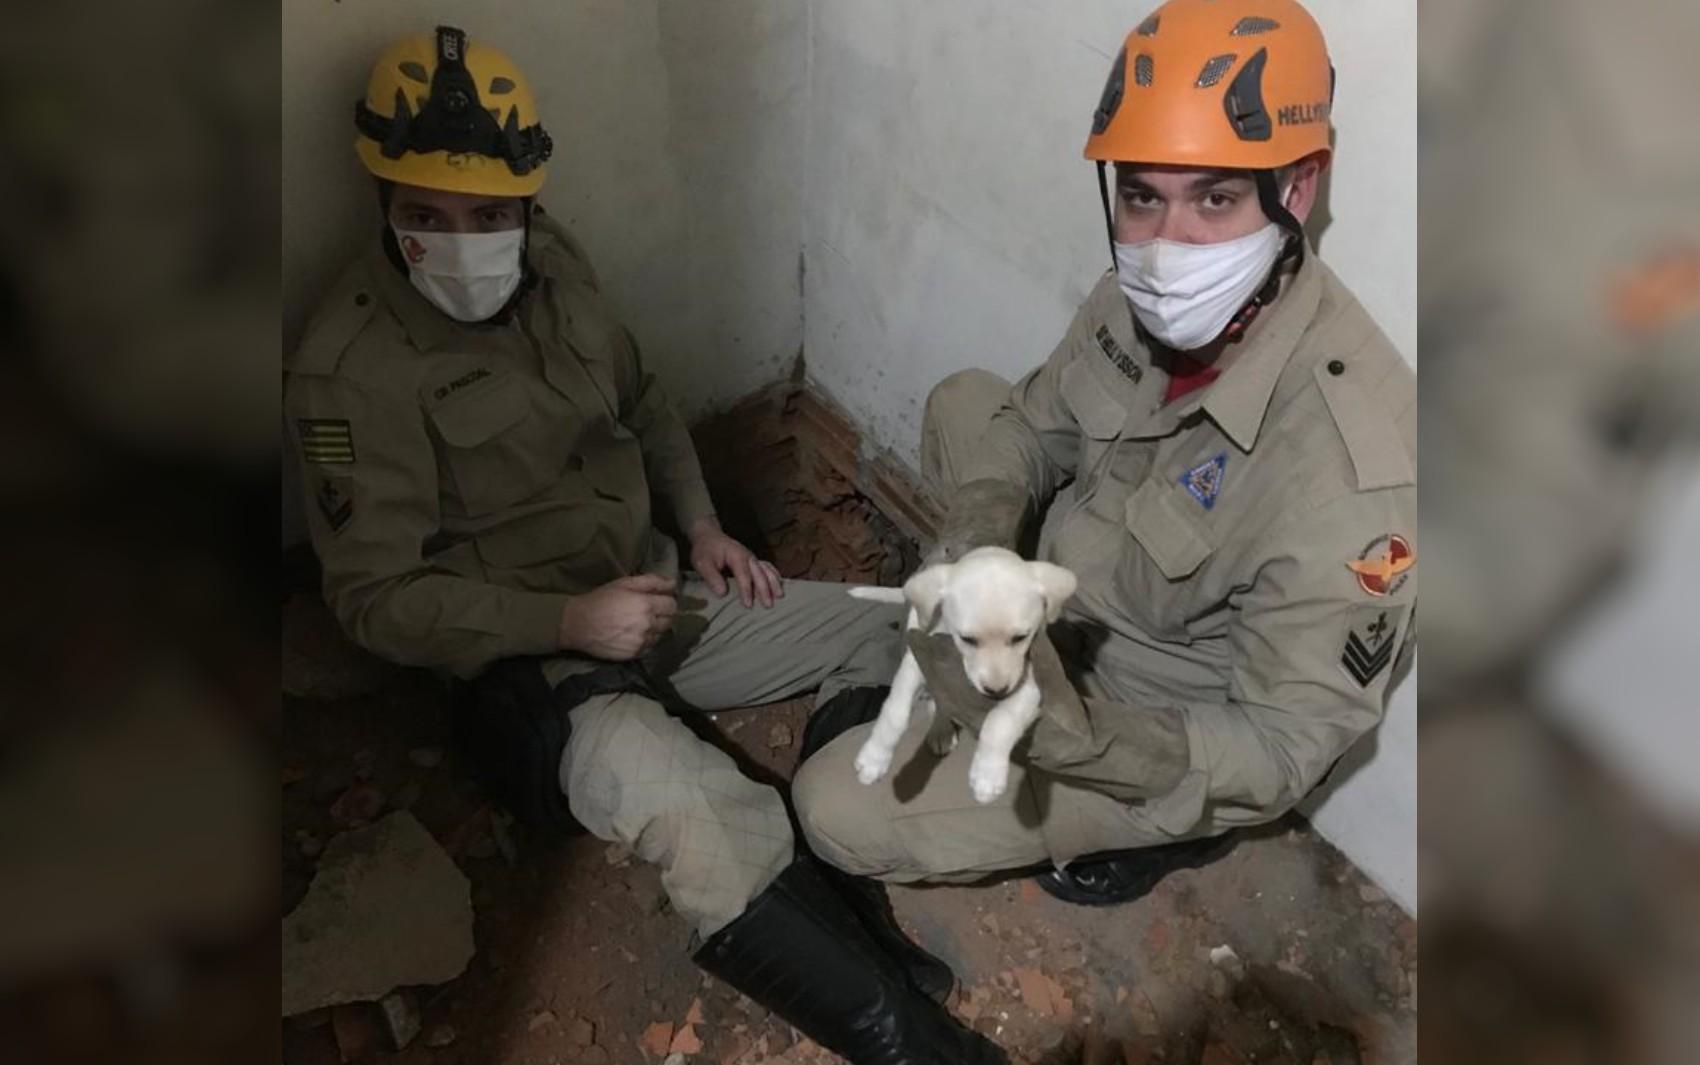 Filhote de cadela é resgatada após ficar presa entre duas paredes, em Cristalina